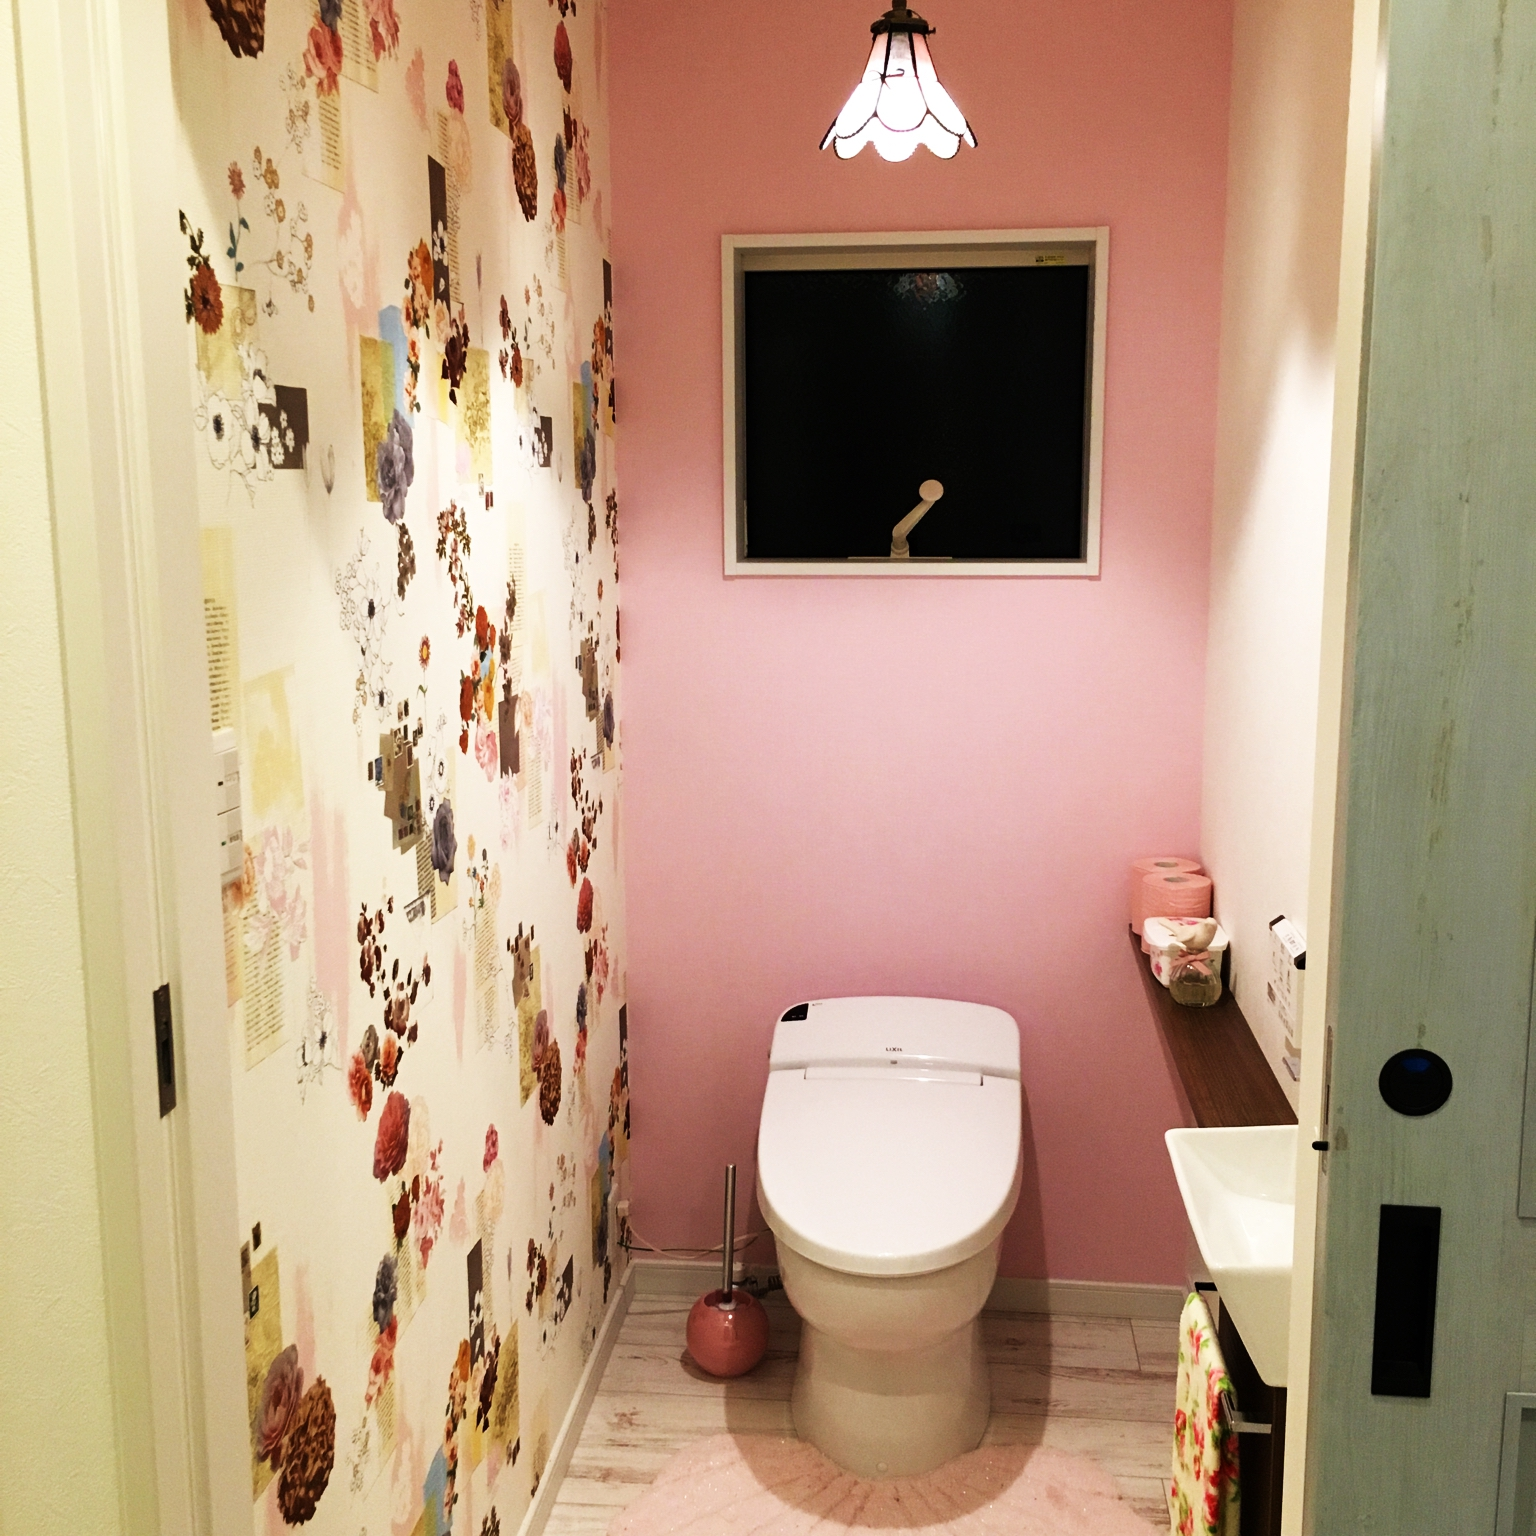 バス トイレ 洗面台 花柄壁紙 ピンクの壁 Lixilのインテリア実例 15 12 12 22 53 37 Roomclip ルームクリップ